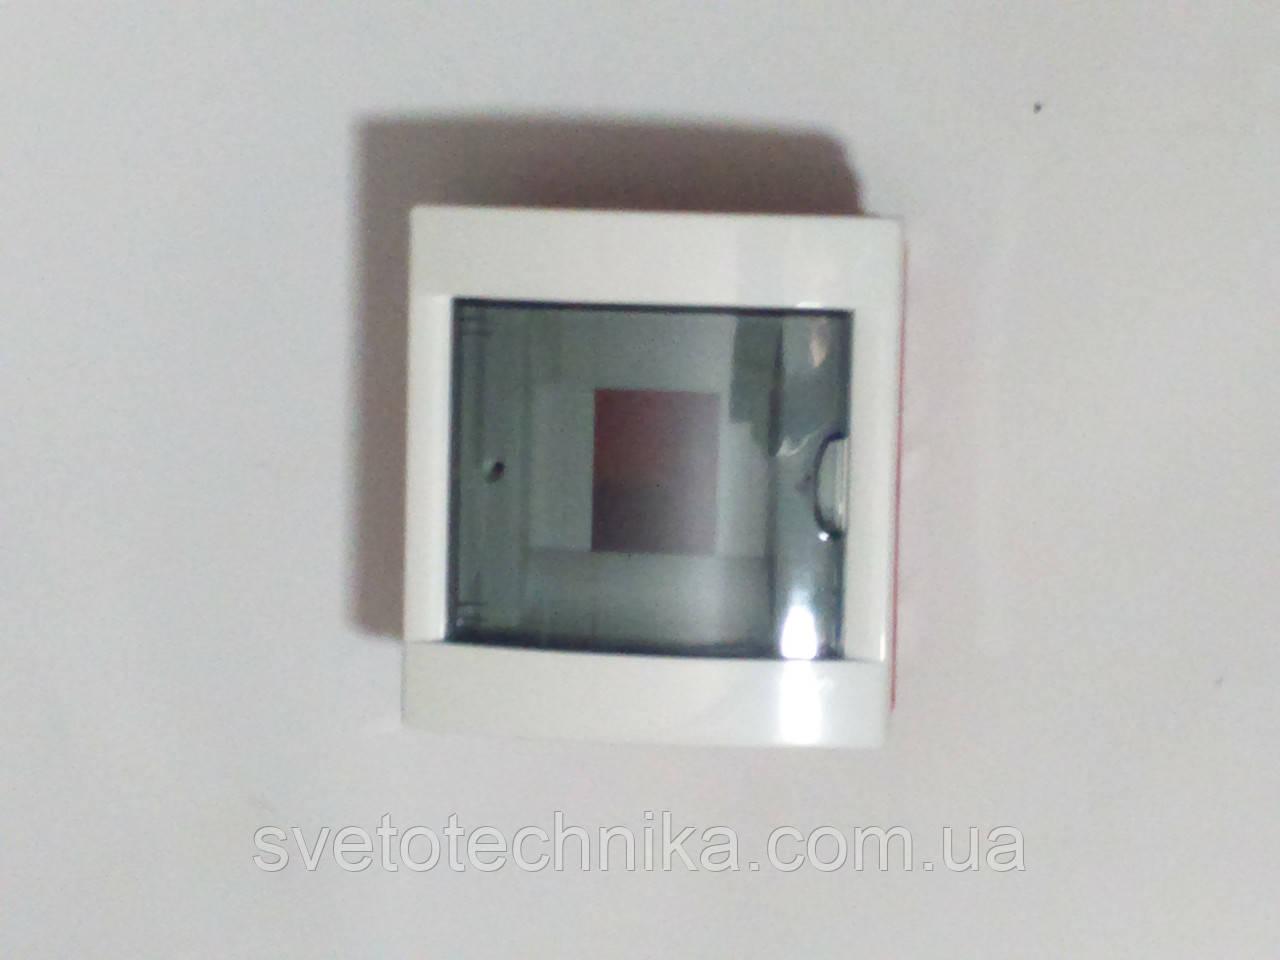 Коробка Vi-Ko Lotus для 4 автоматов (открытая установка)